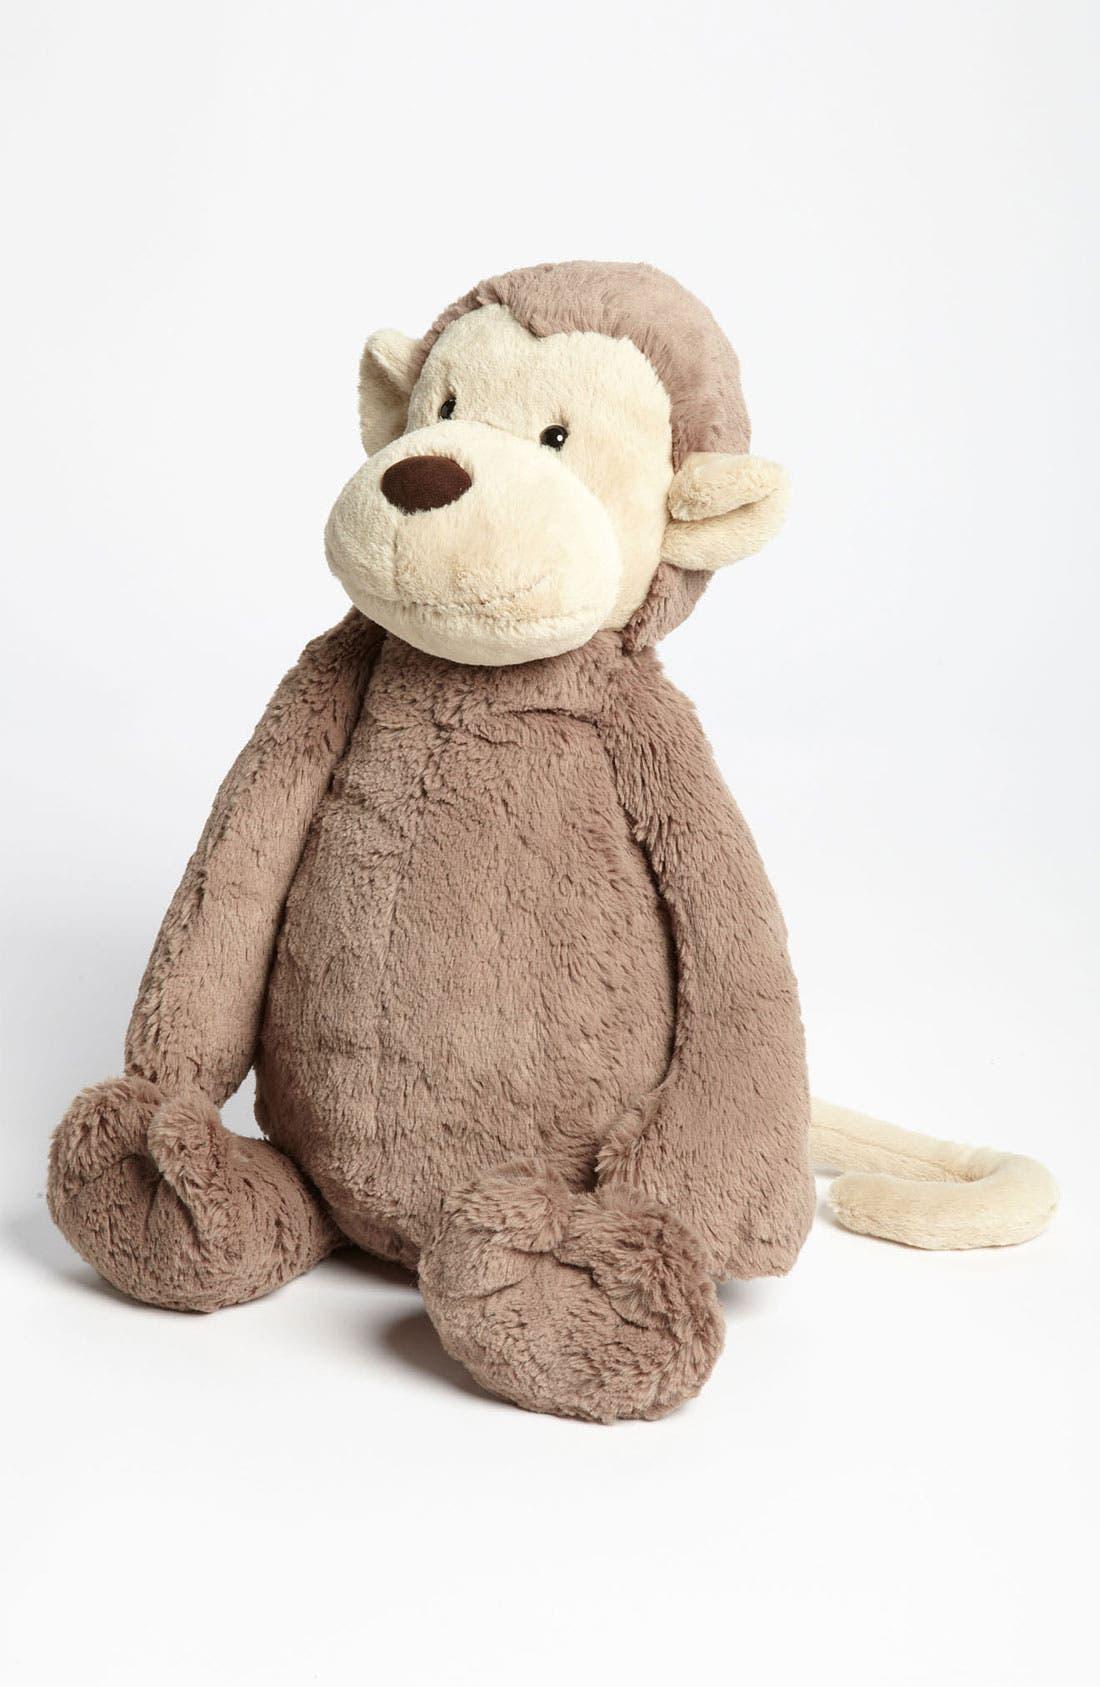 Main Image - Jellycat 'Large Bashful Monkey' Stuffed Animal